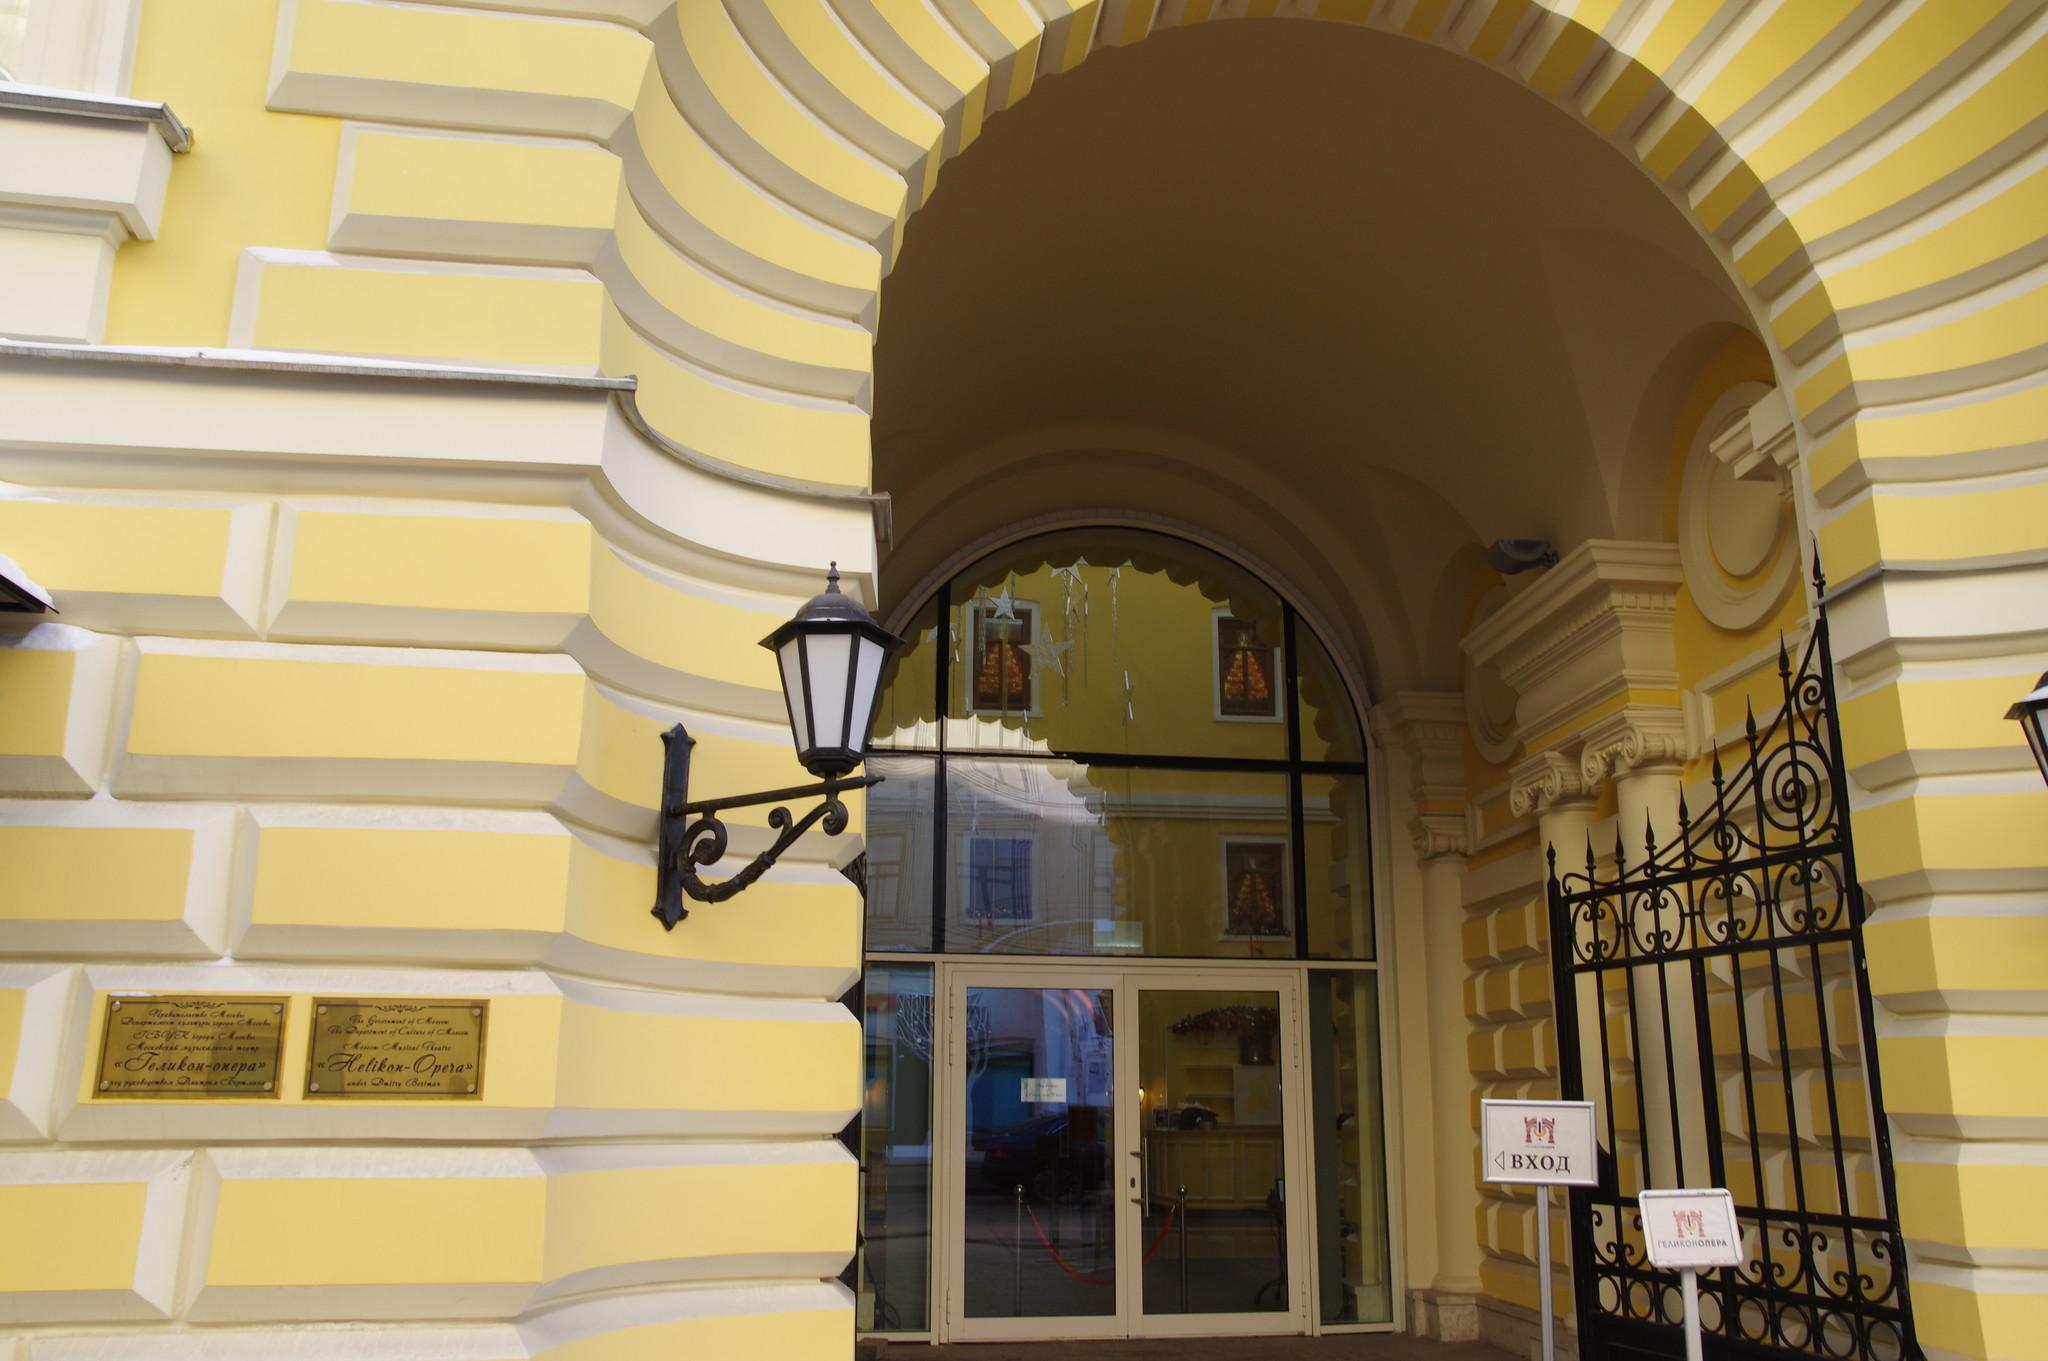 Московский музыкальный театр «Геликон-Опера» (Большая Никитская улица, дом 19/16)